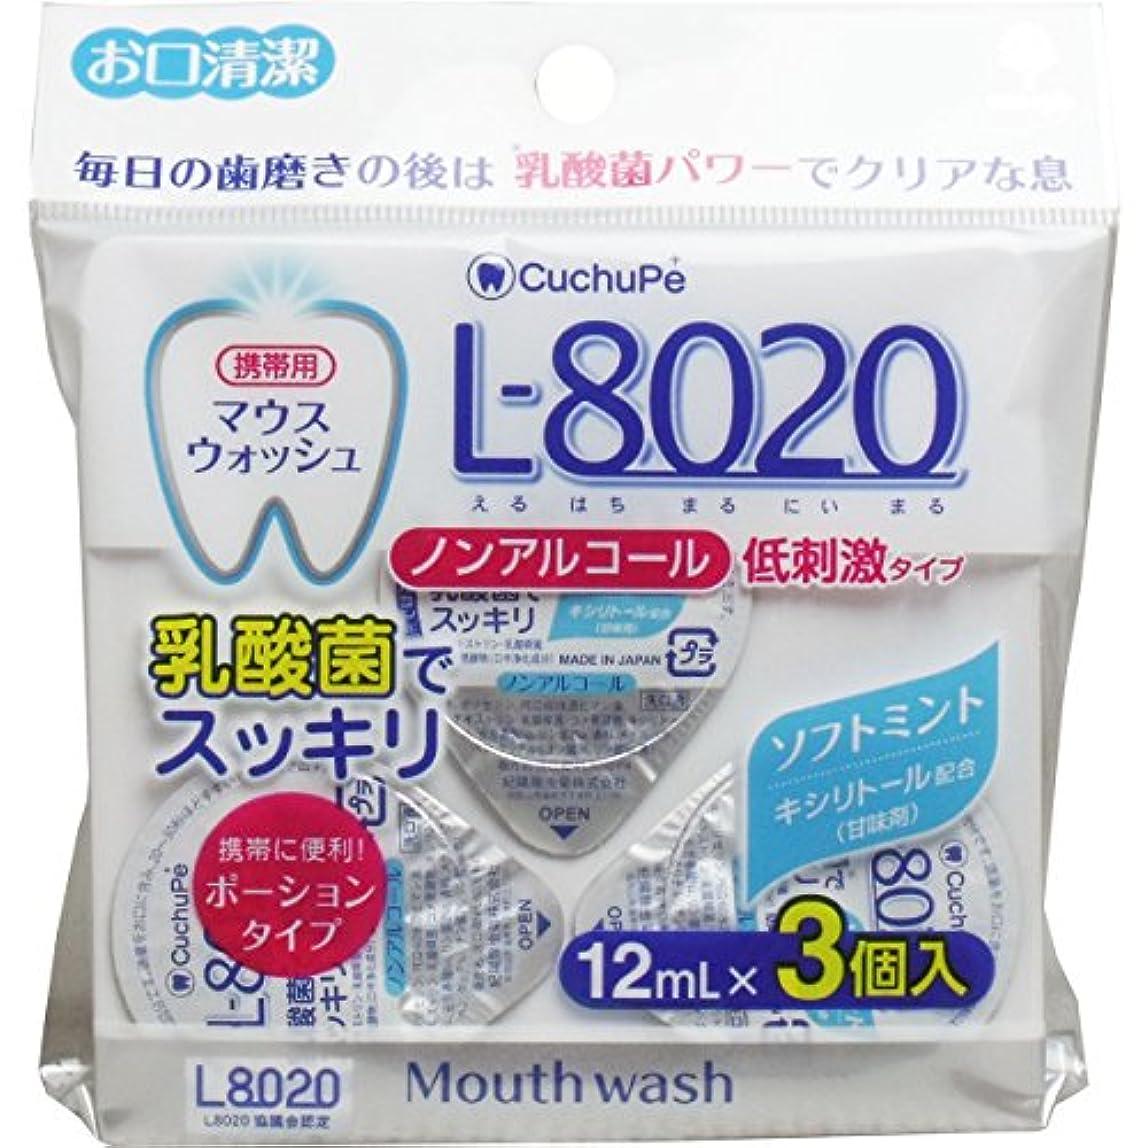 解決ピックスナップクチュッペ L-8020 マウスウォッシュ ソフトミント ポーションタイプ 3個入 紀陽除虫菊